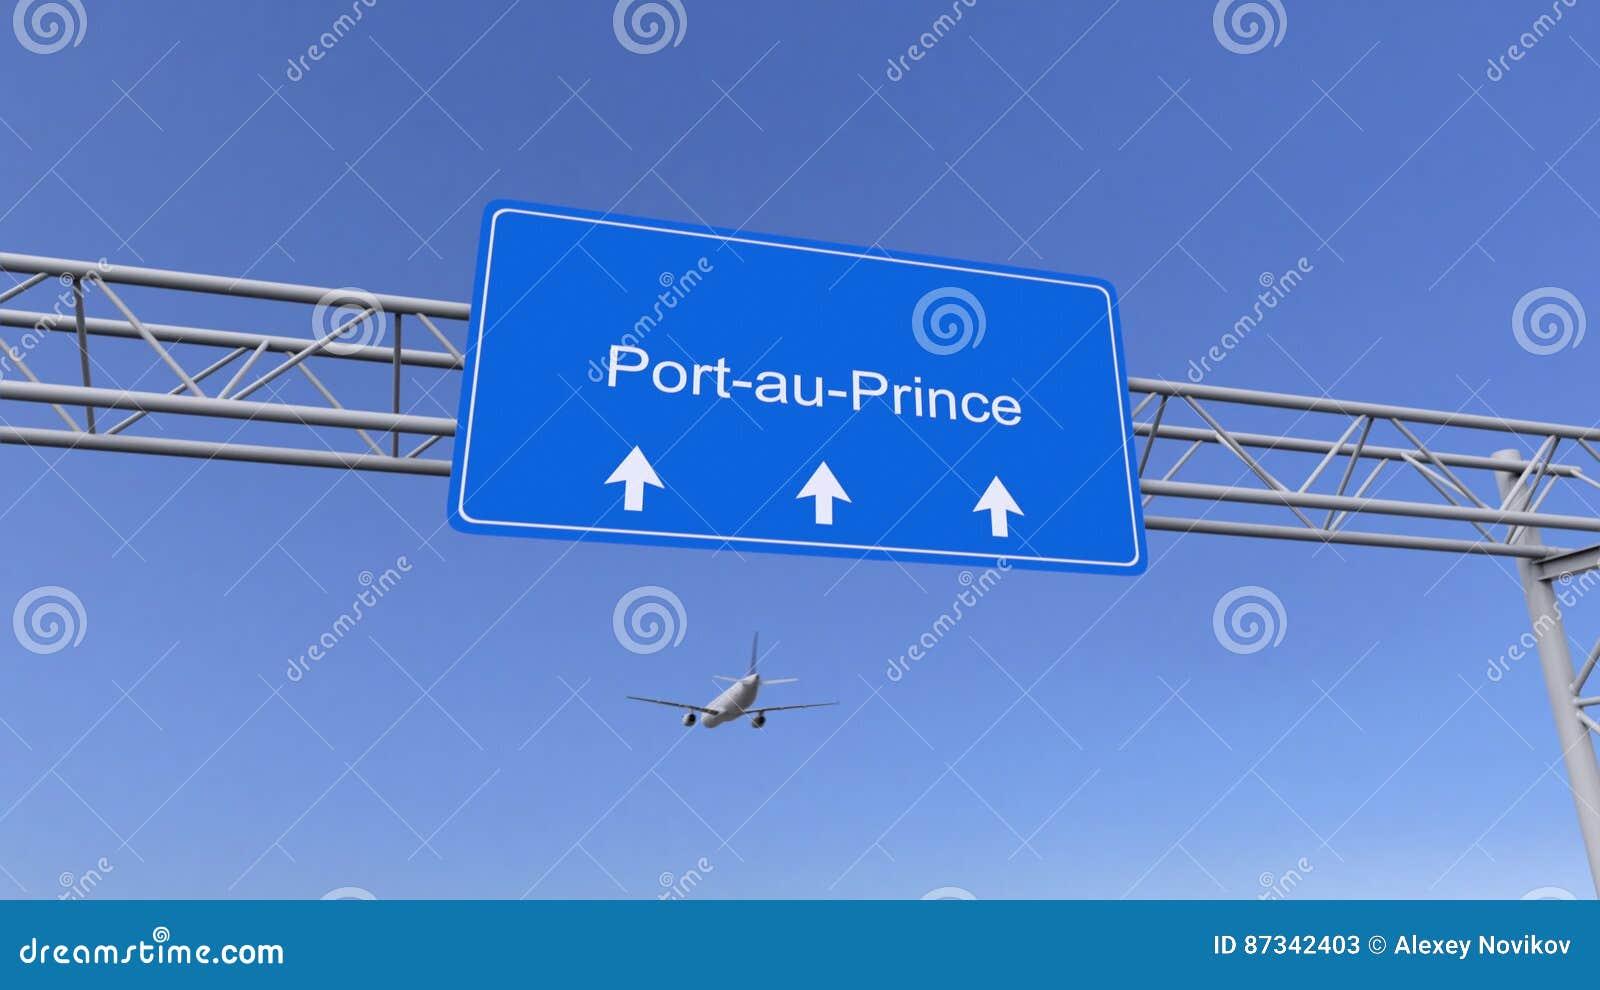 Handlowy samolotowy przyjeżdżać port-au-prince lotnisko Podróżować Haiti konceptualny 3D rendering